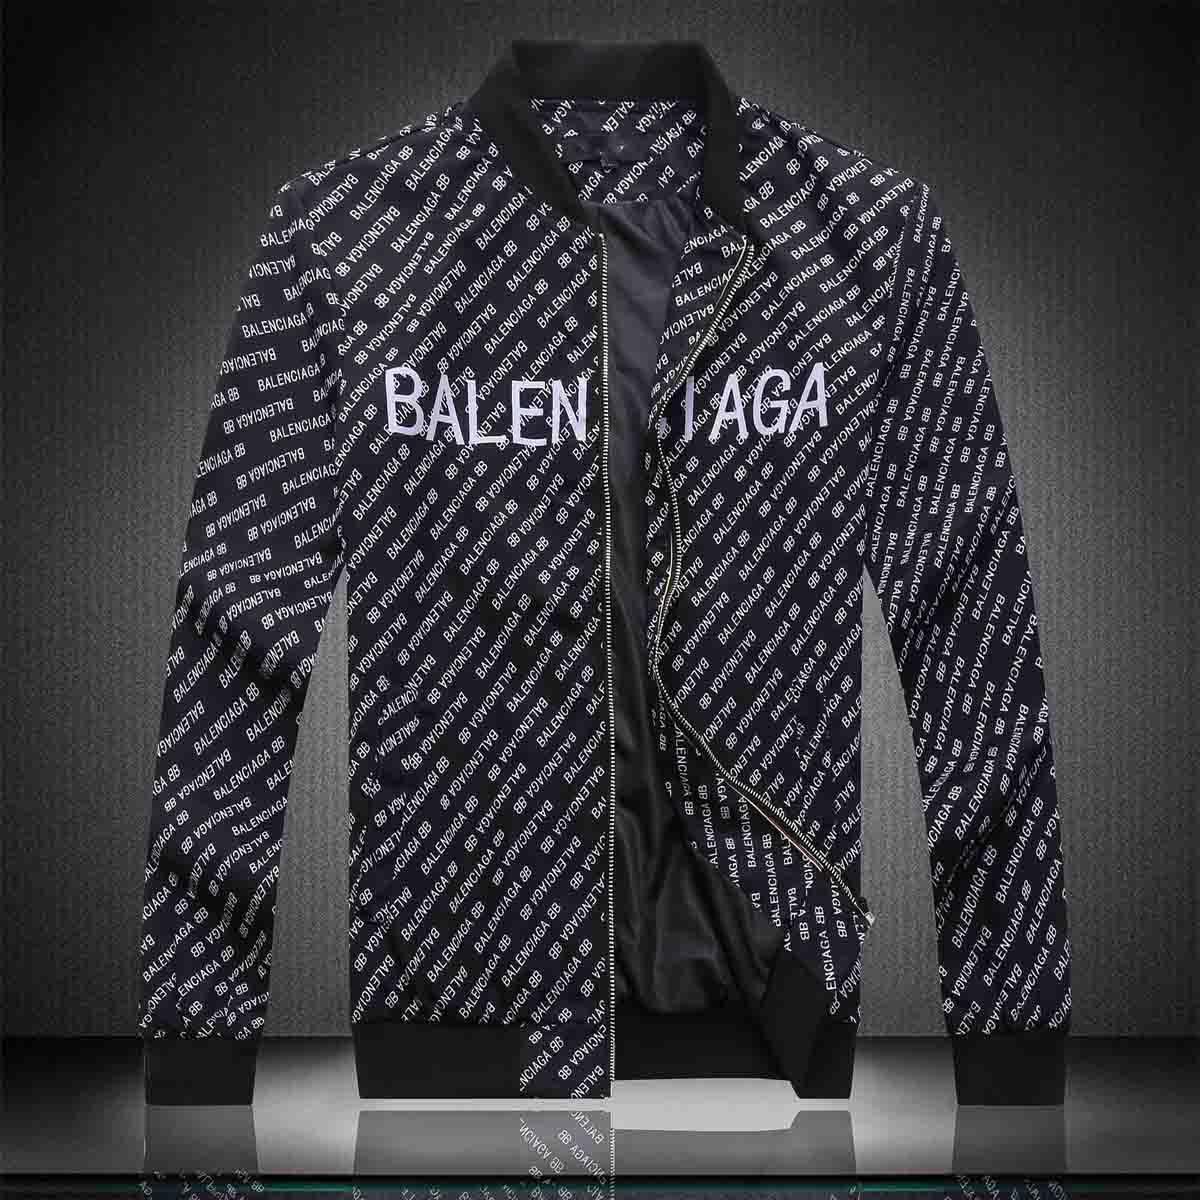 العلامة التجارية مصمم سترات 2019 الأزياء المد رجل دثار طبقة رسائل مطبوعة فاخرة الرجال هوديي عارضة الرياضة في الهواء الطلق مصدات الرياح الملابس M-3XL